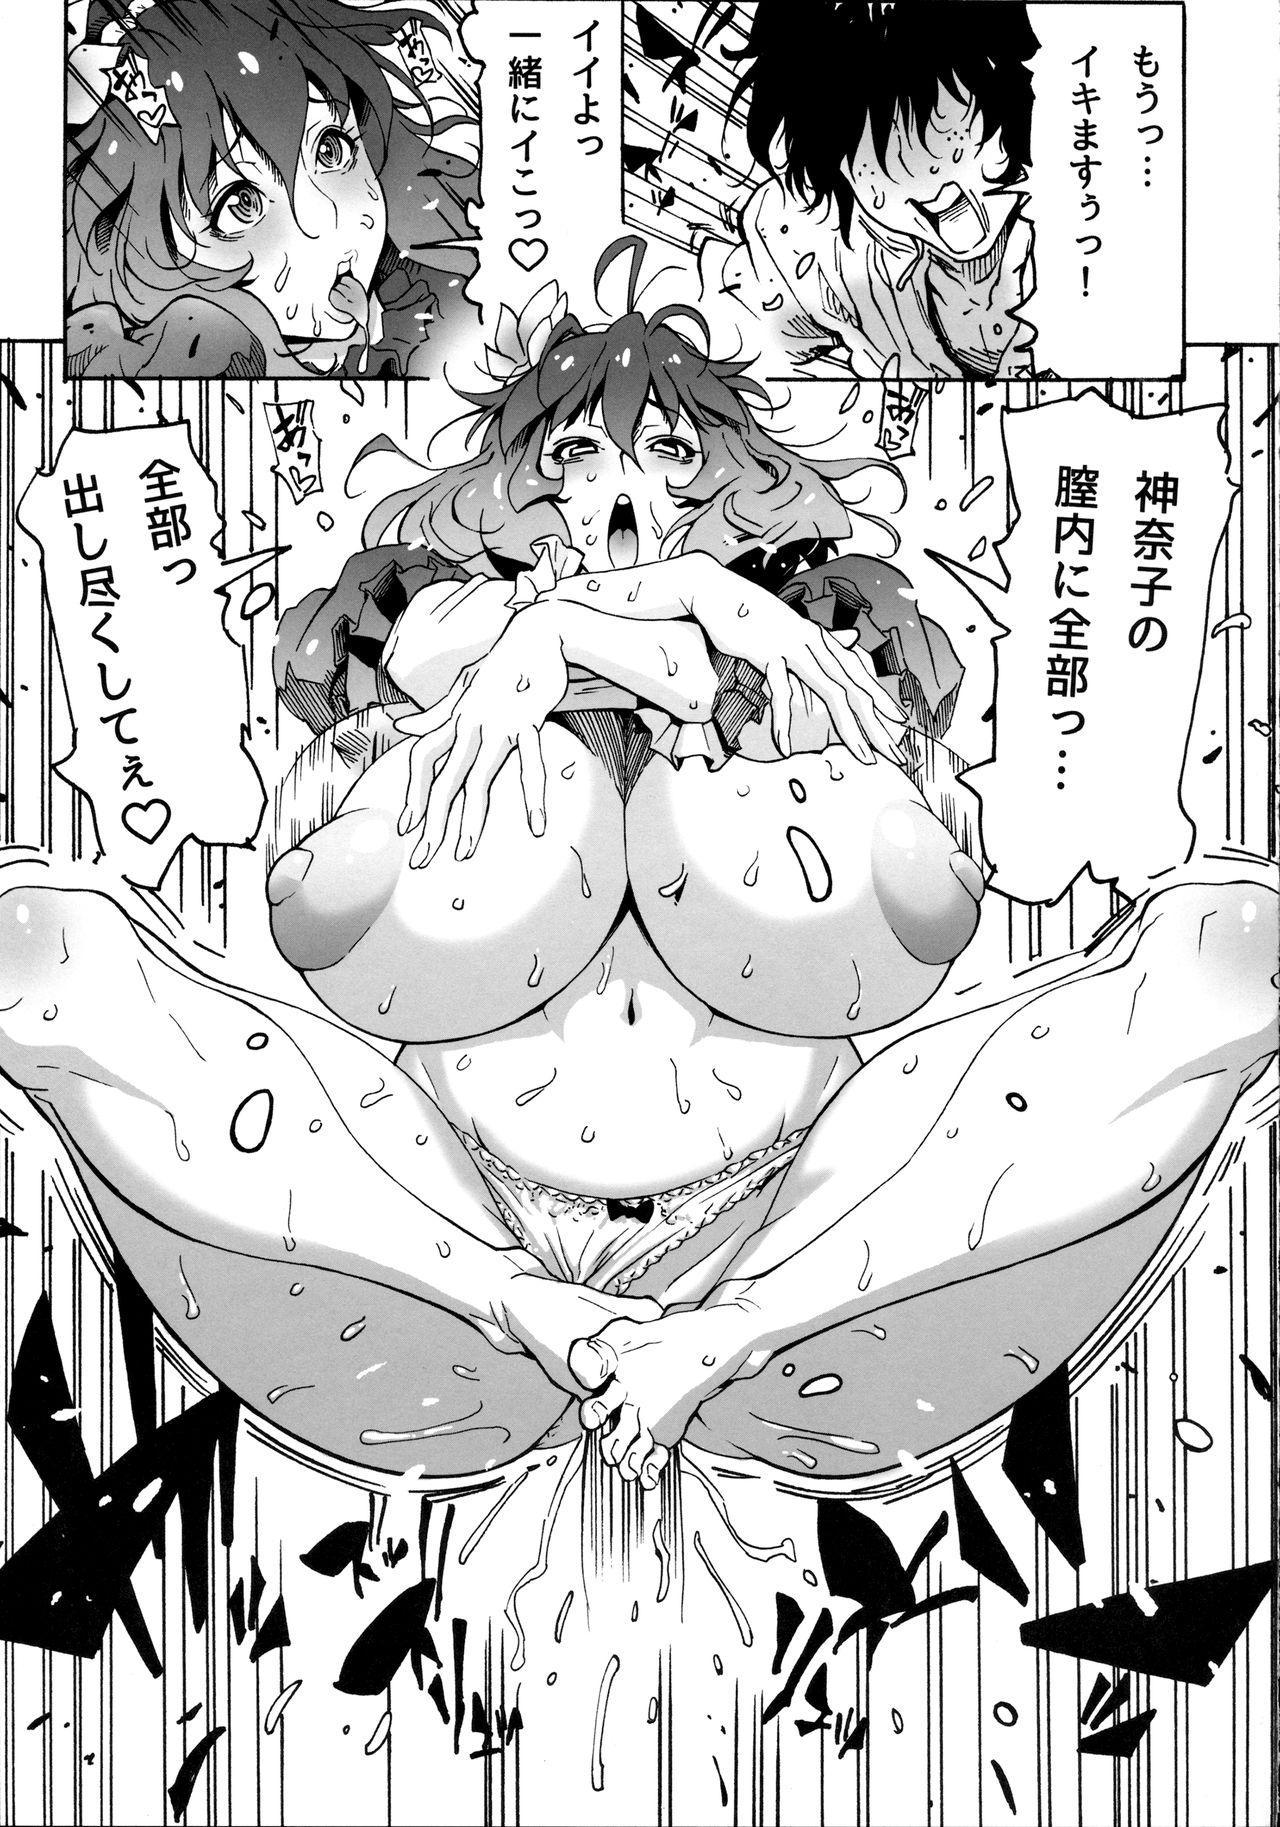 Kanako-sama wa Amaetai! 13